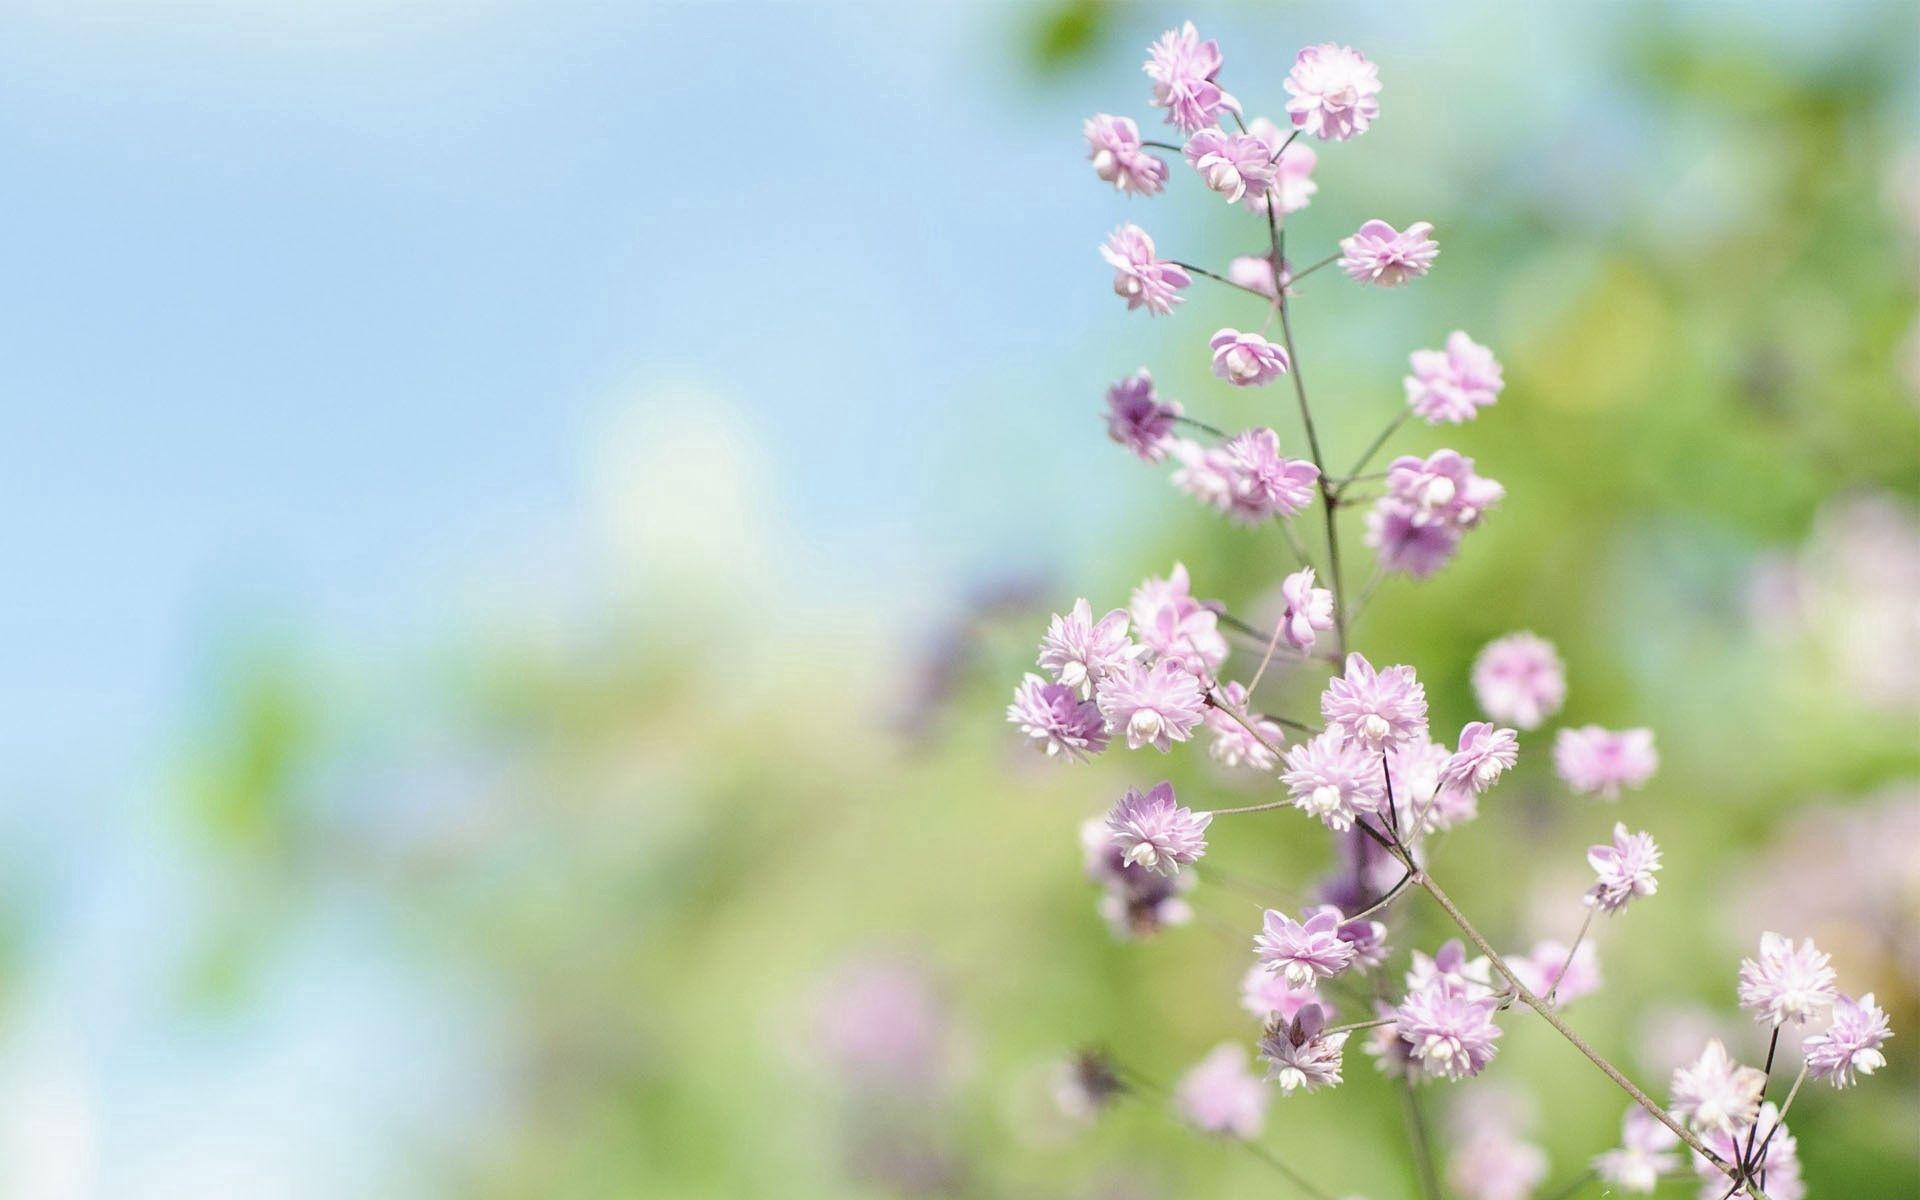 141838 Заставки и Обои Трава на телефон. Скачать Макро, Трава, Свет, Блики, Растение картинки бесплатно